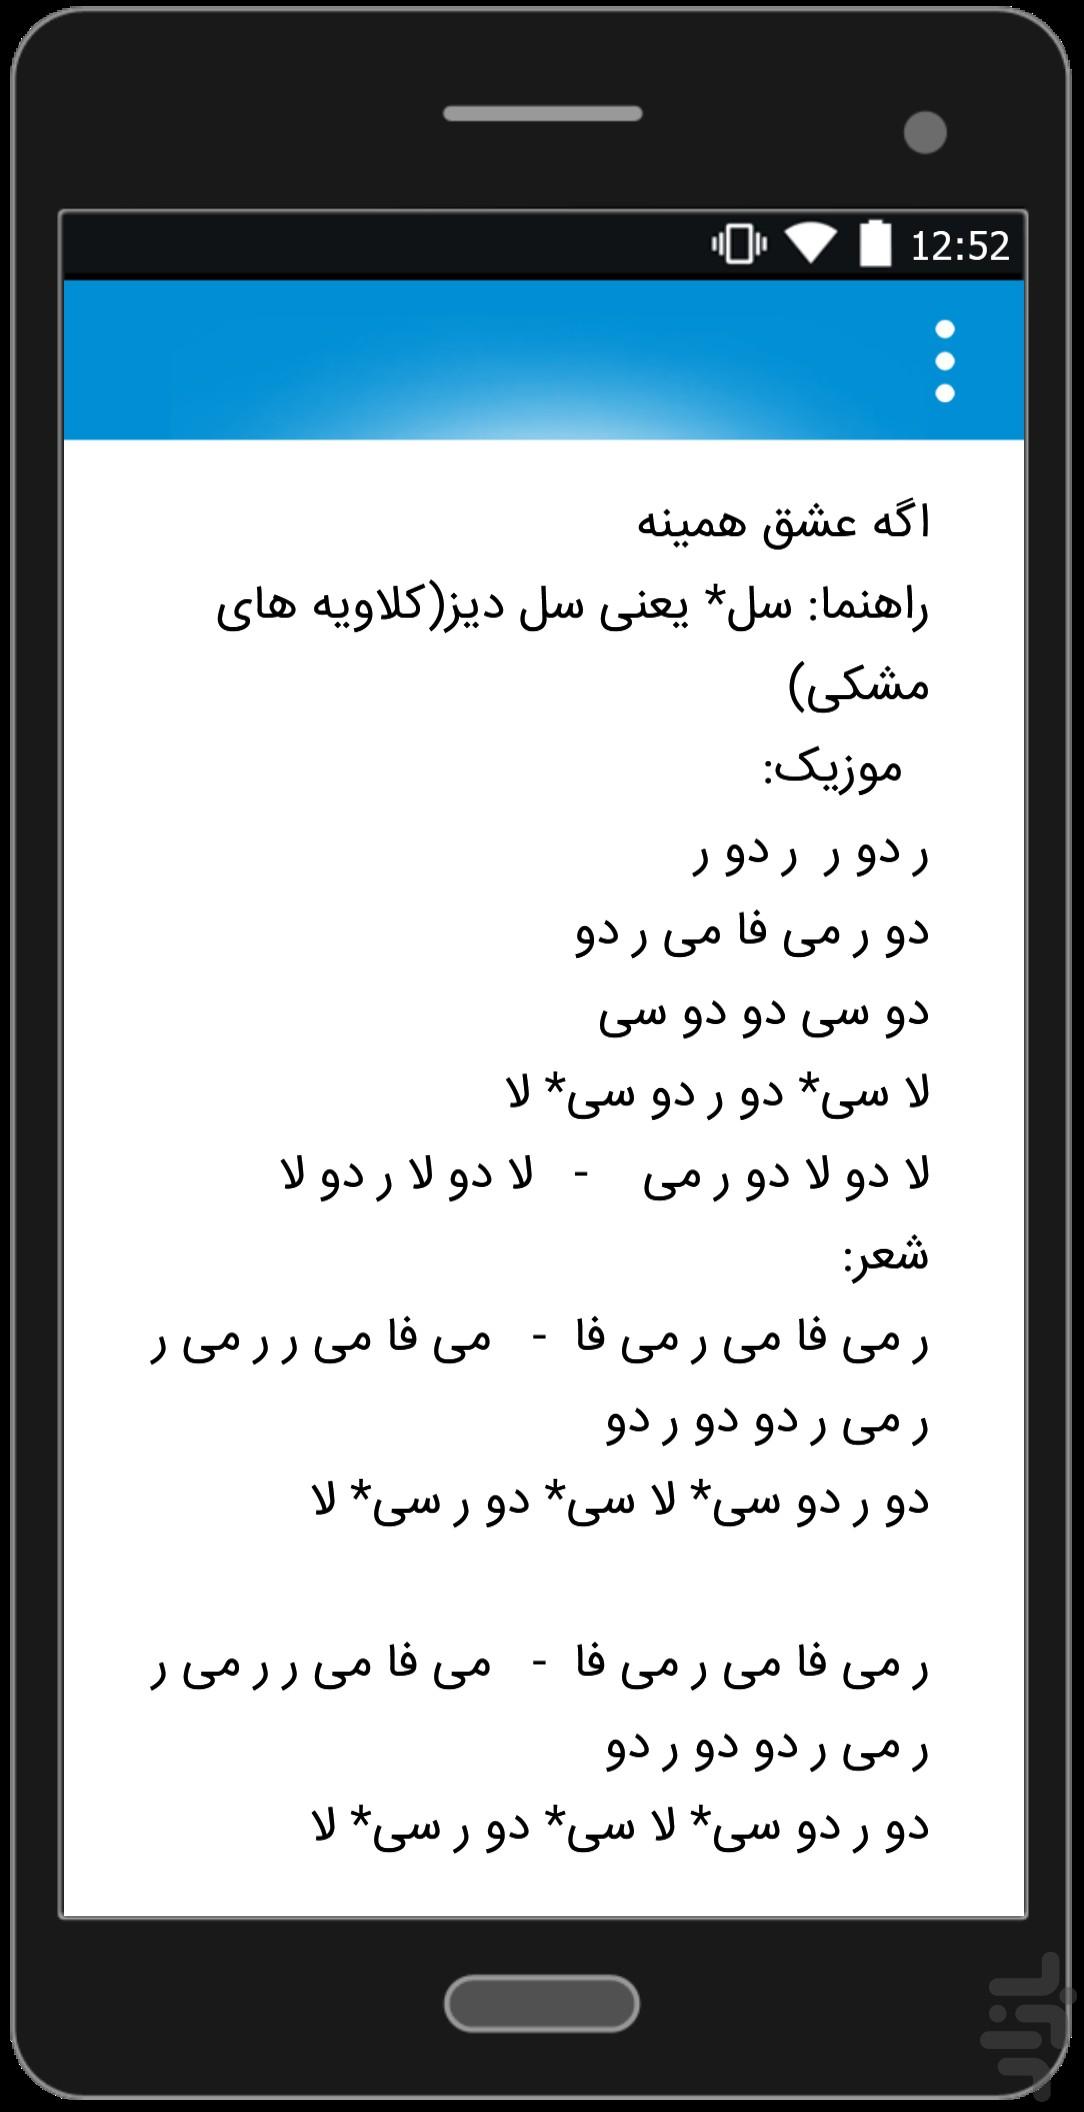 نت فارسی - دانلود | نصب برنامه اندروید | کافه بازار